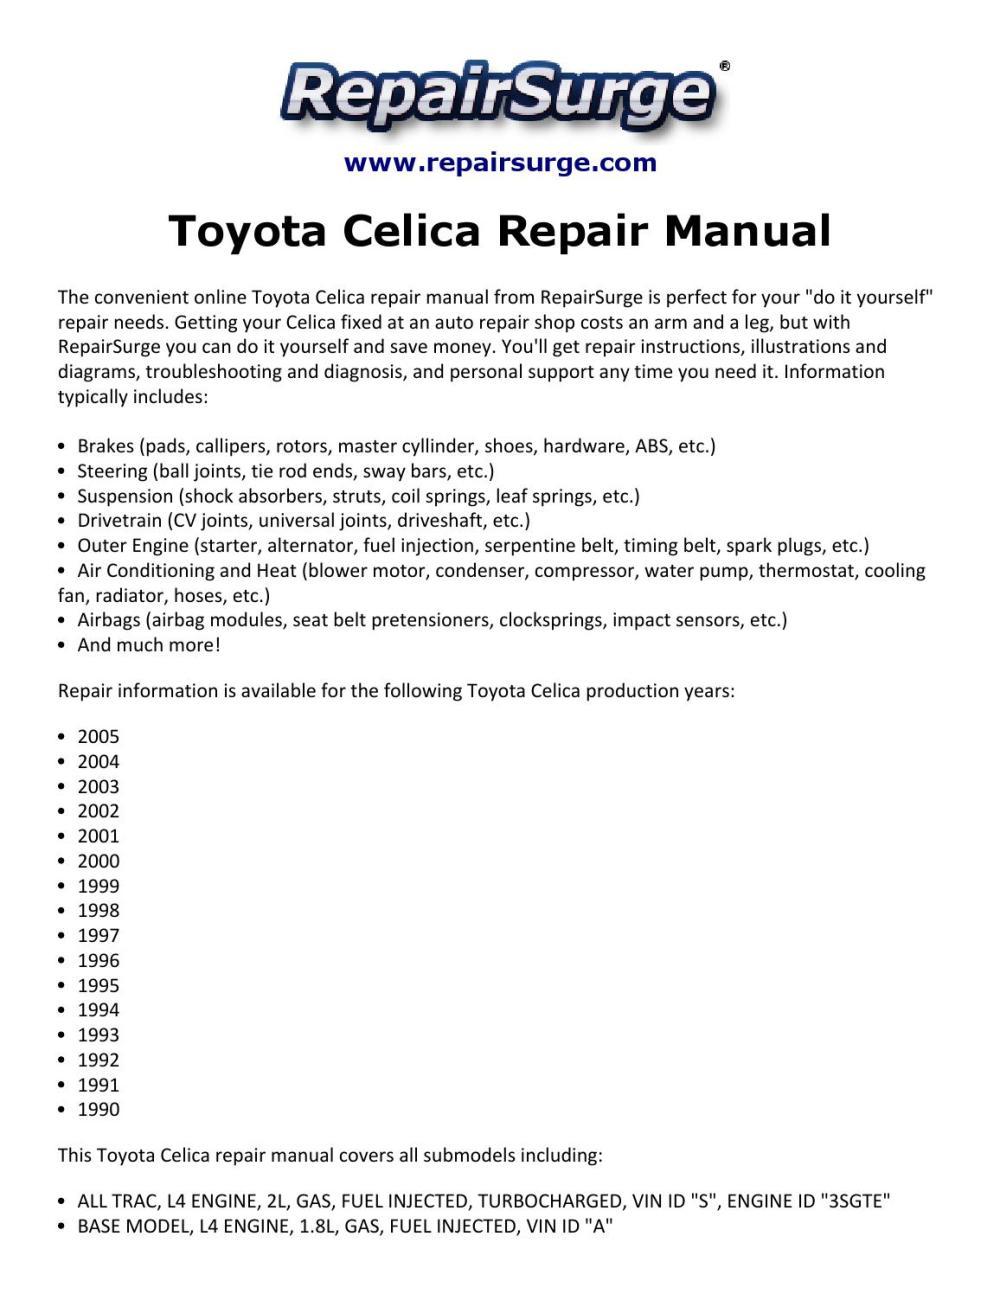 medium resolution of toyota celica repair manual 1990 2005